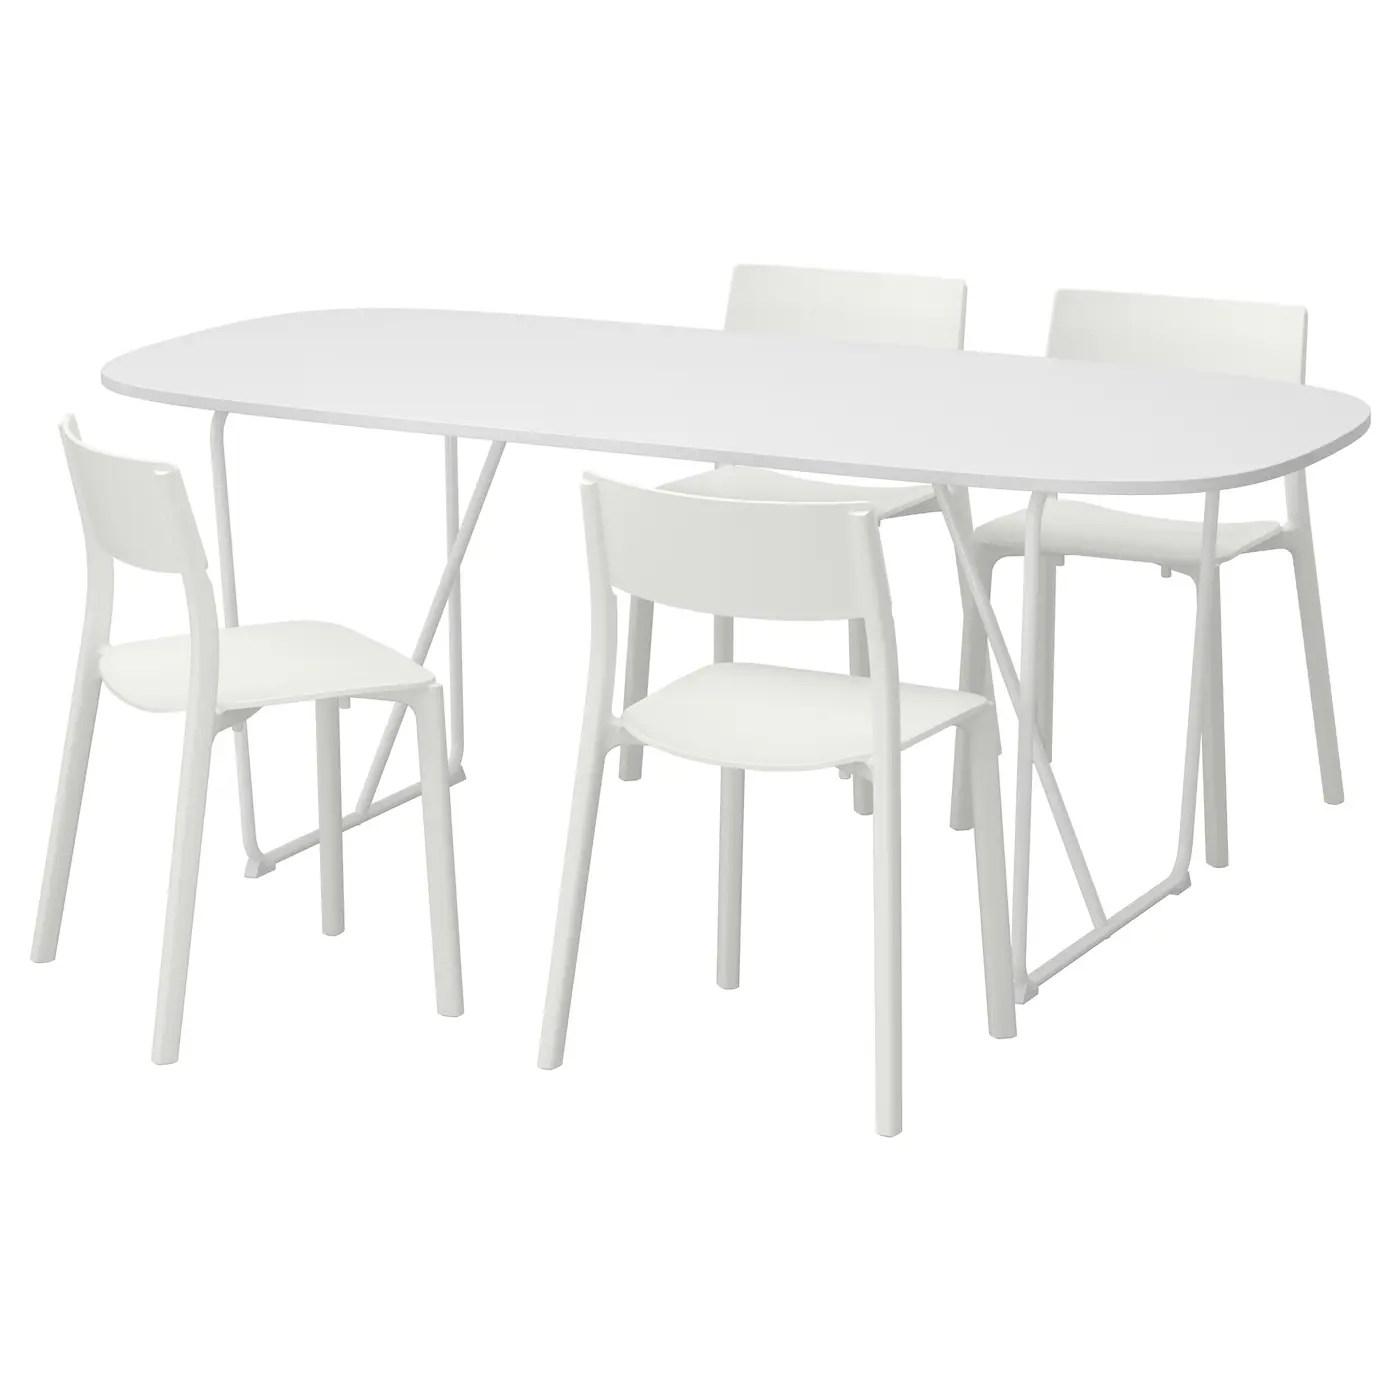 Design Stoelen Goedkoop.Stoelen Design Set Of 2 Vintage Artifort Chairs By Matthias Gurtler